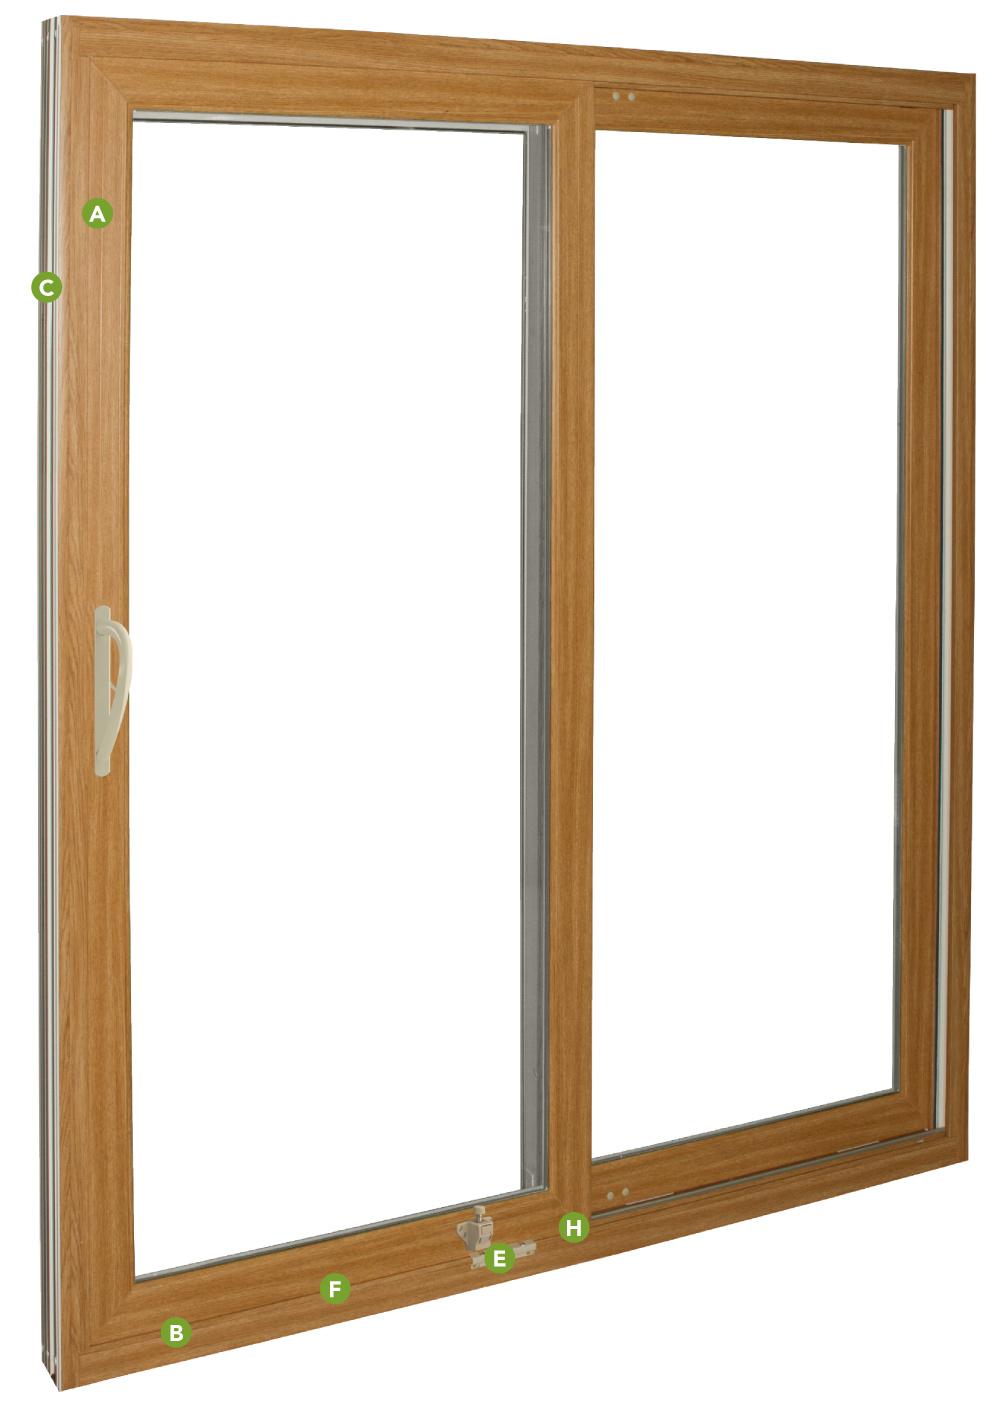 endure Patio door features